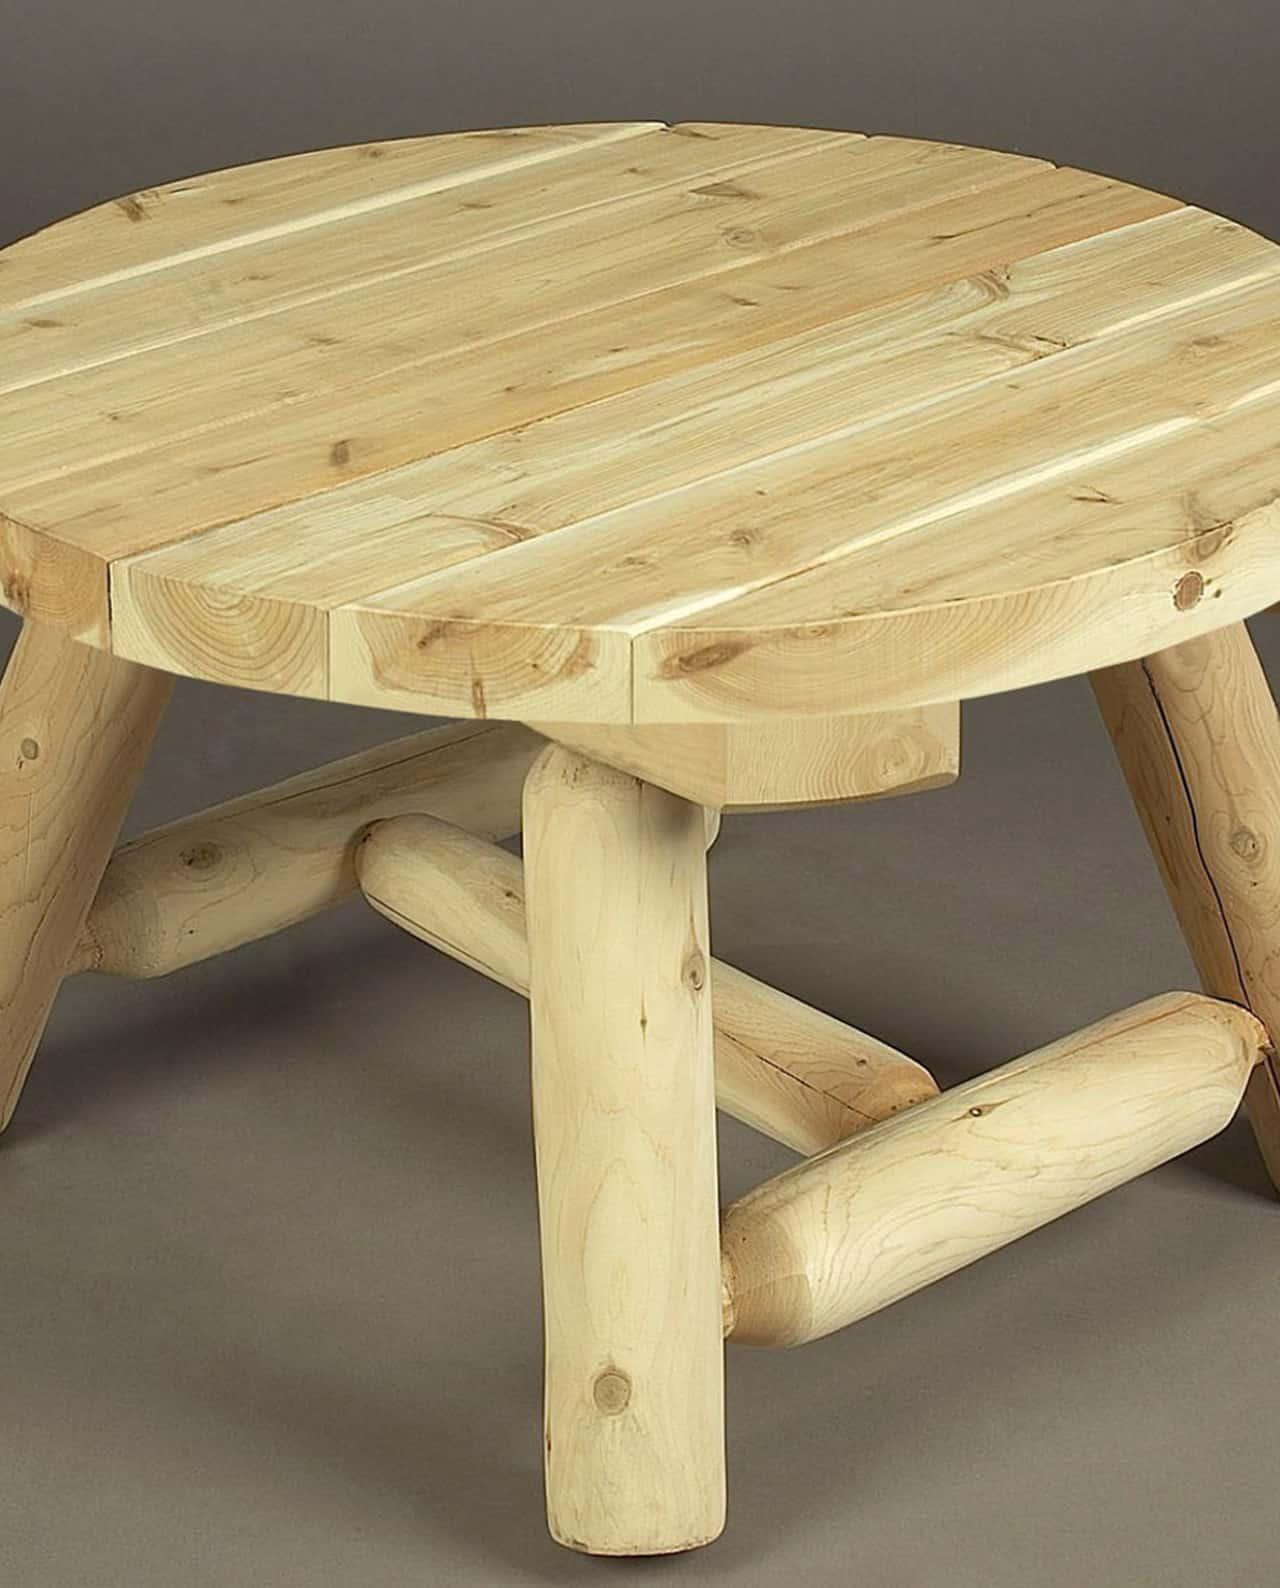 Table basse de jardin en bois de c dre blanc grand mod le for Table basse bois jardin